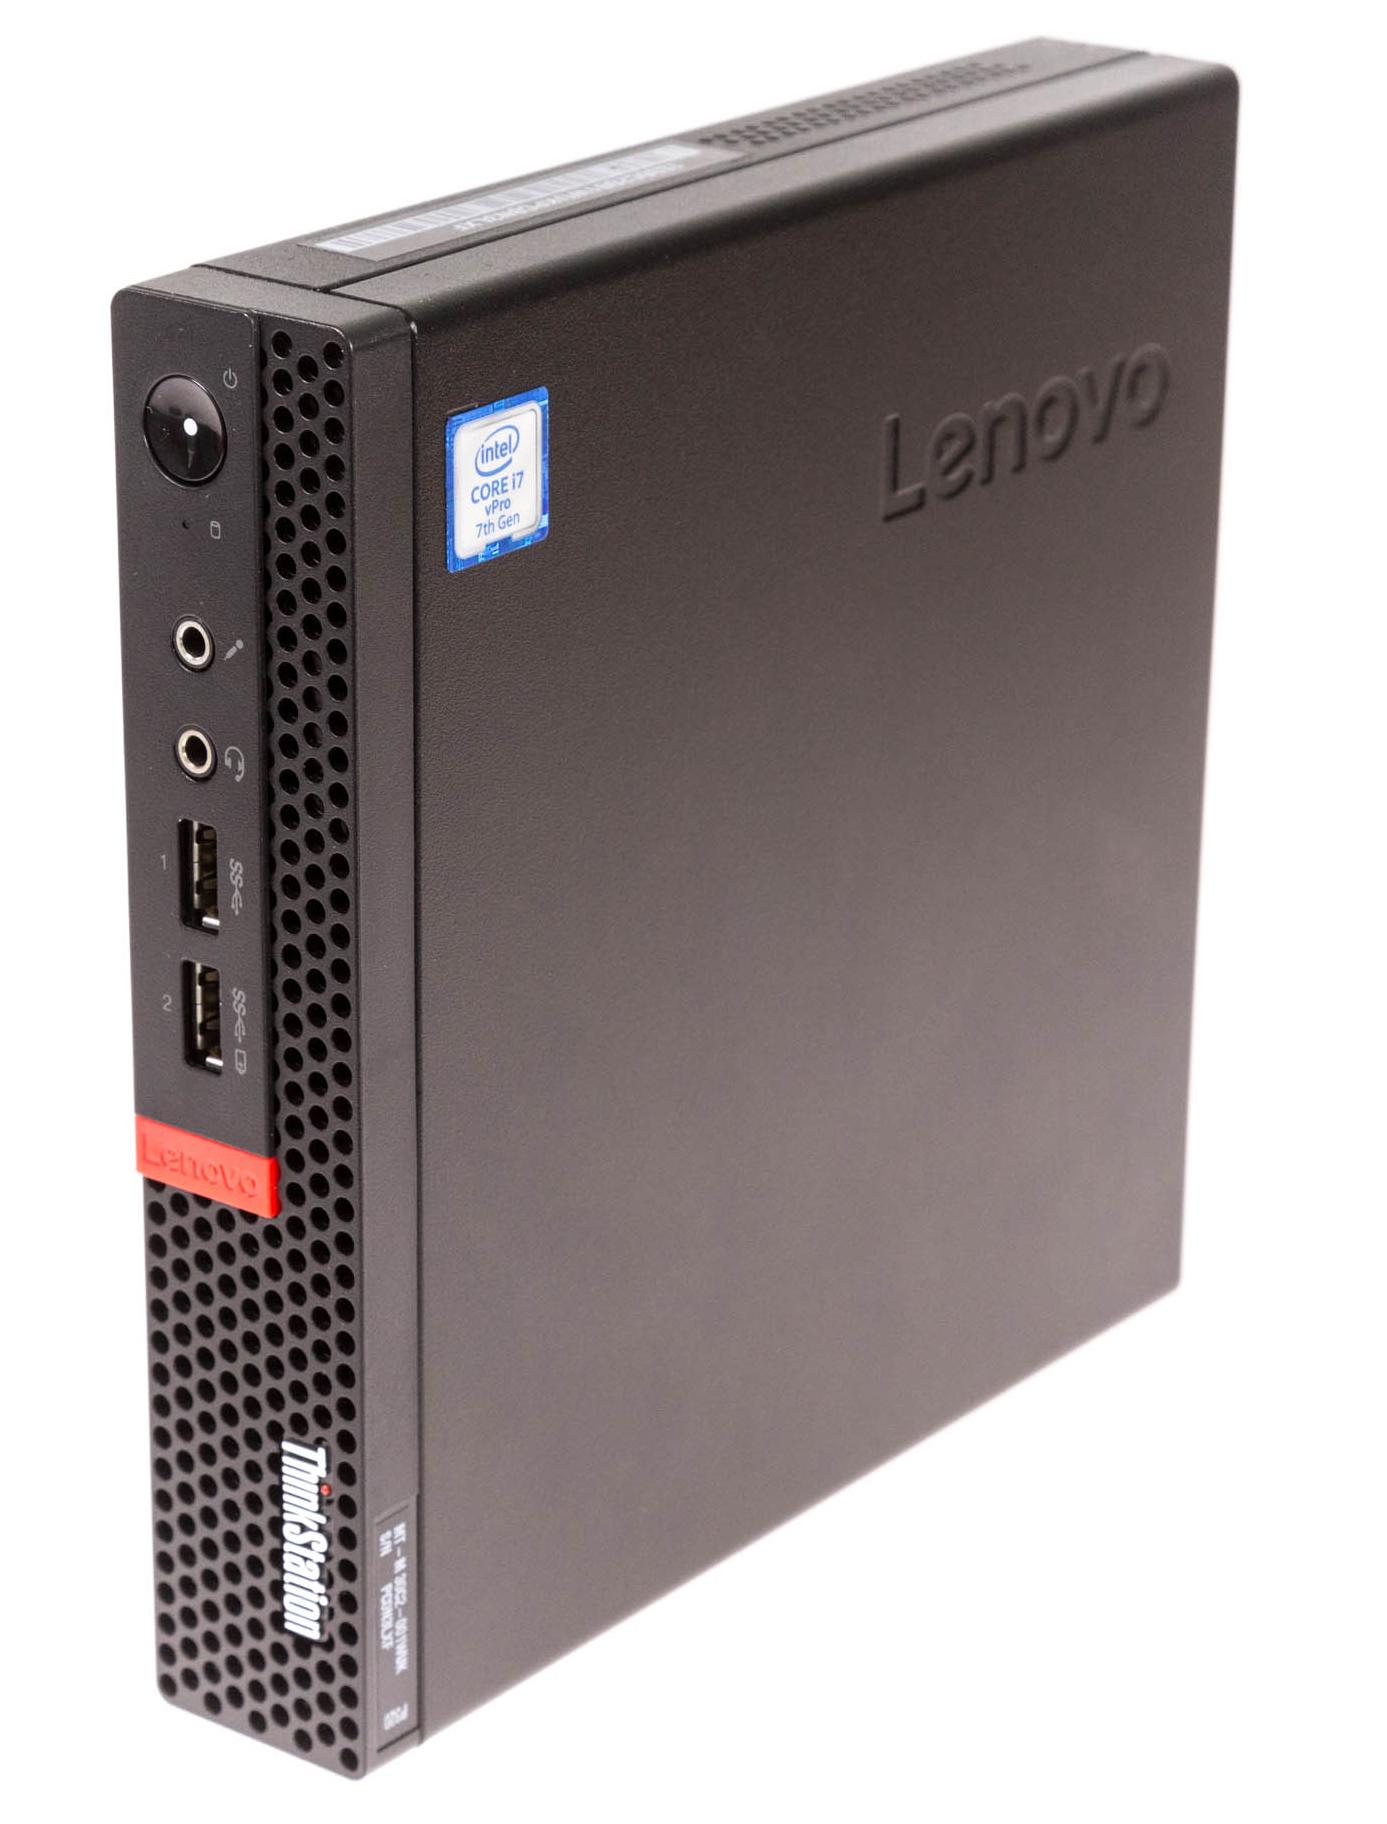 Lenovo Thinkstation P320 Tiny im Test: Viel Leistung in der Zigarrenschachtel -